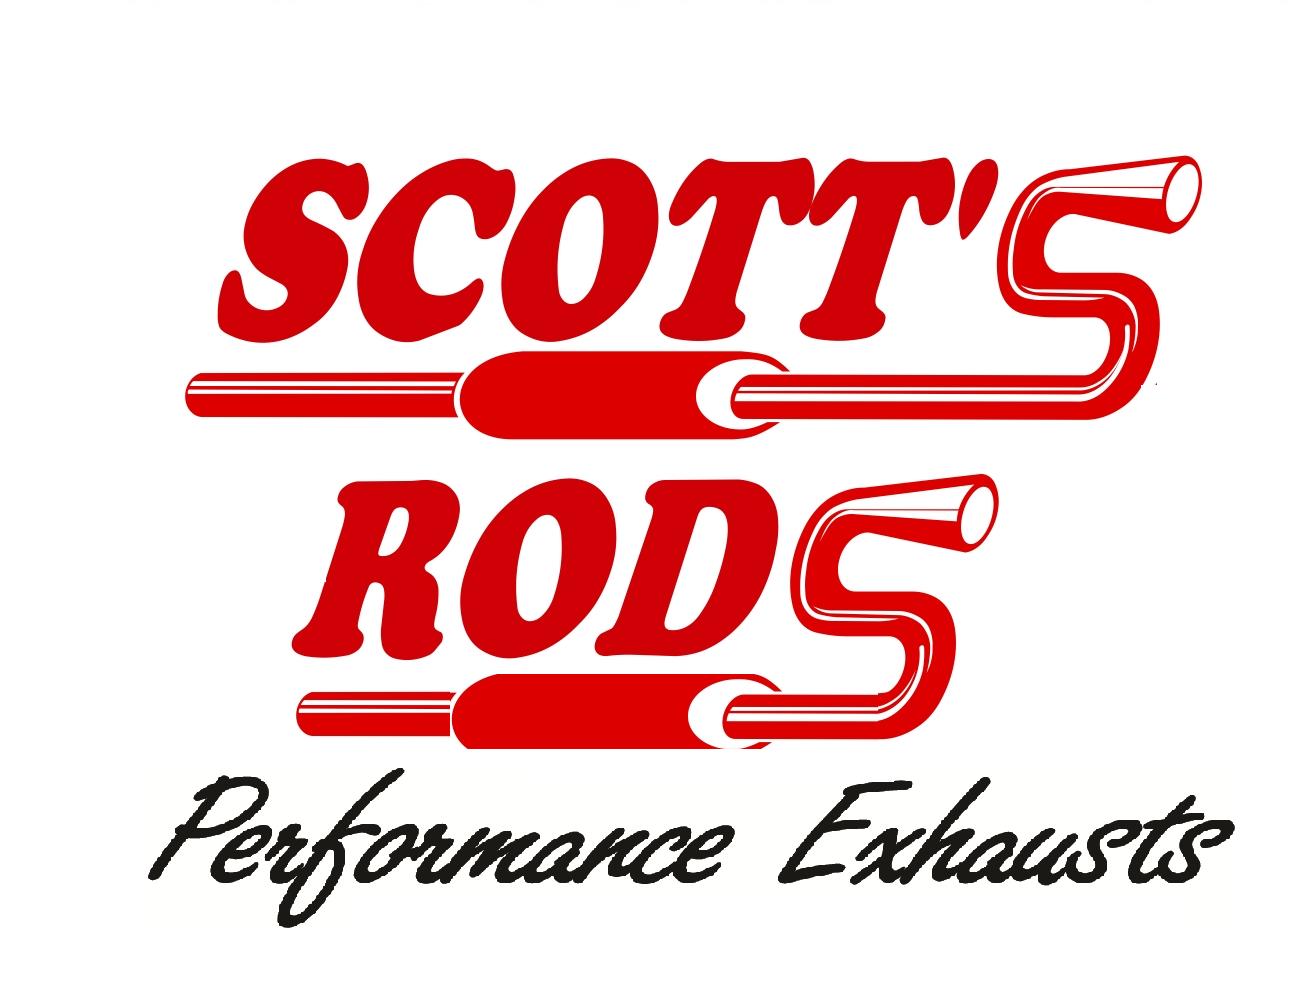 scotts rods 2